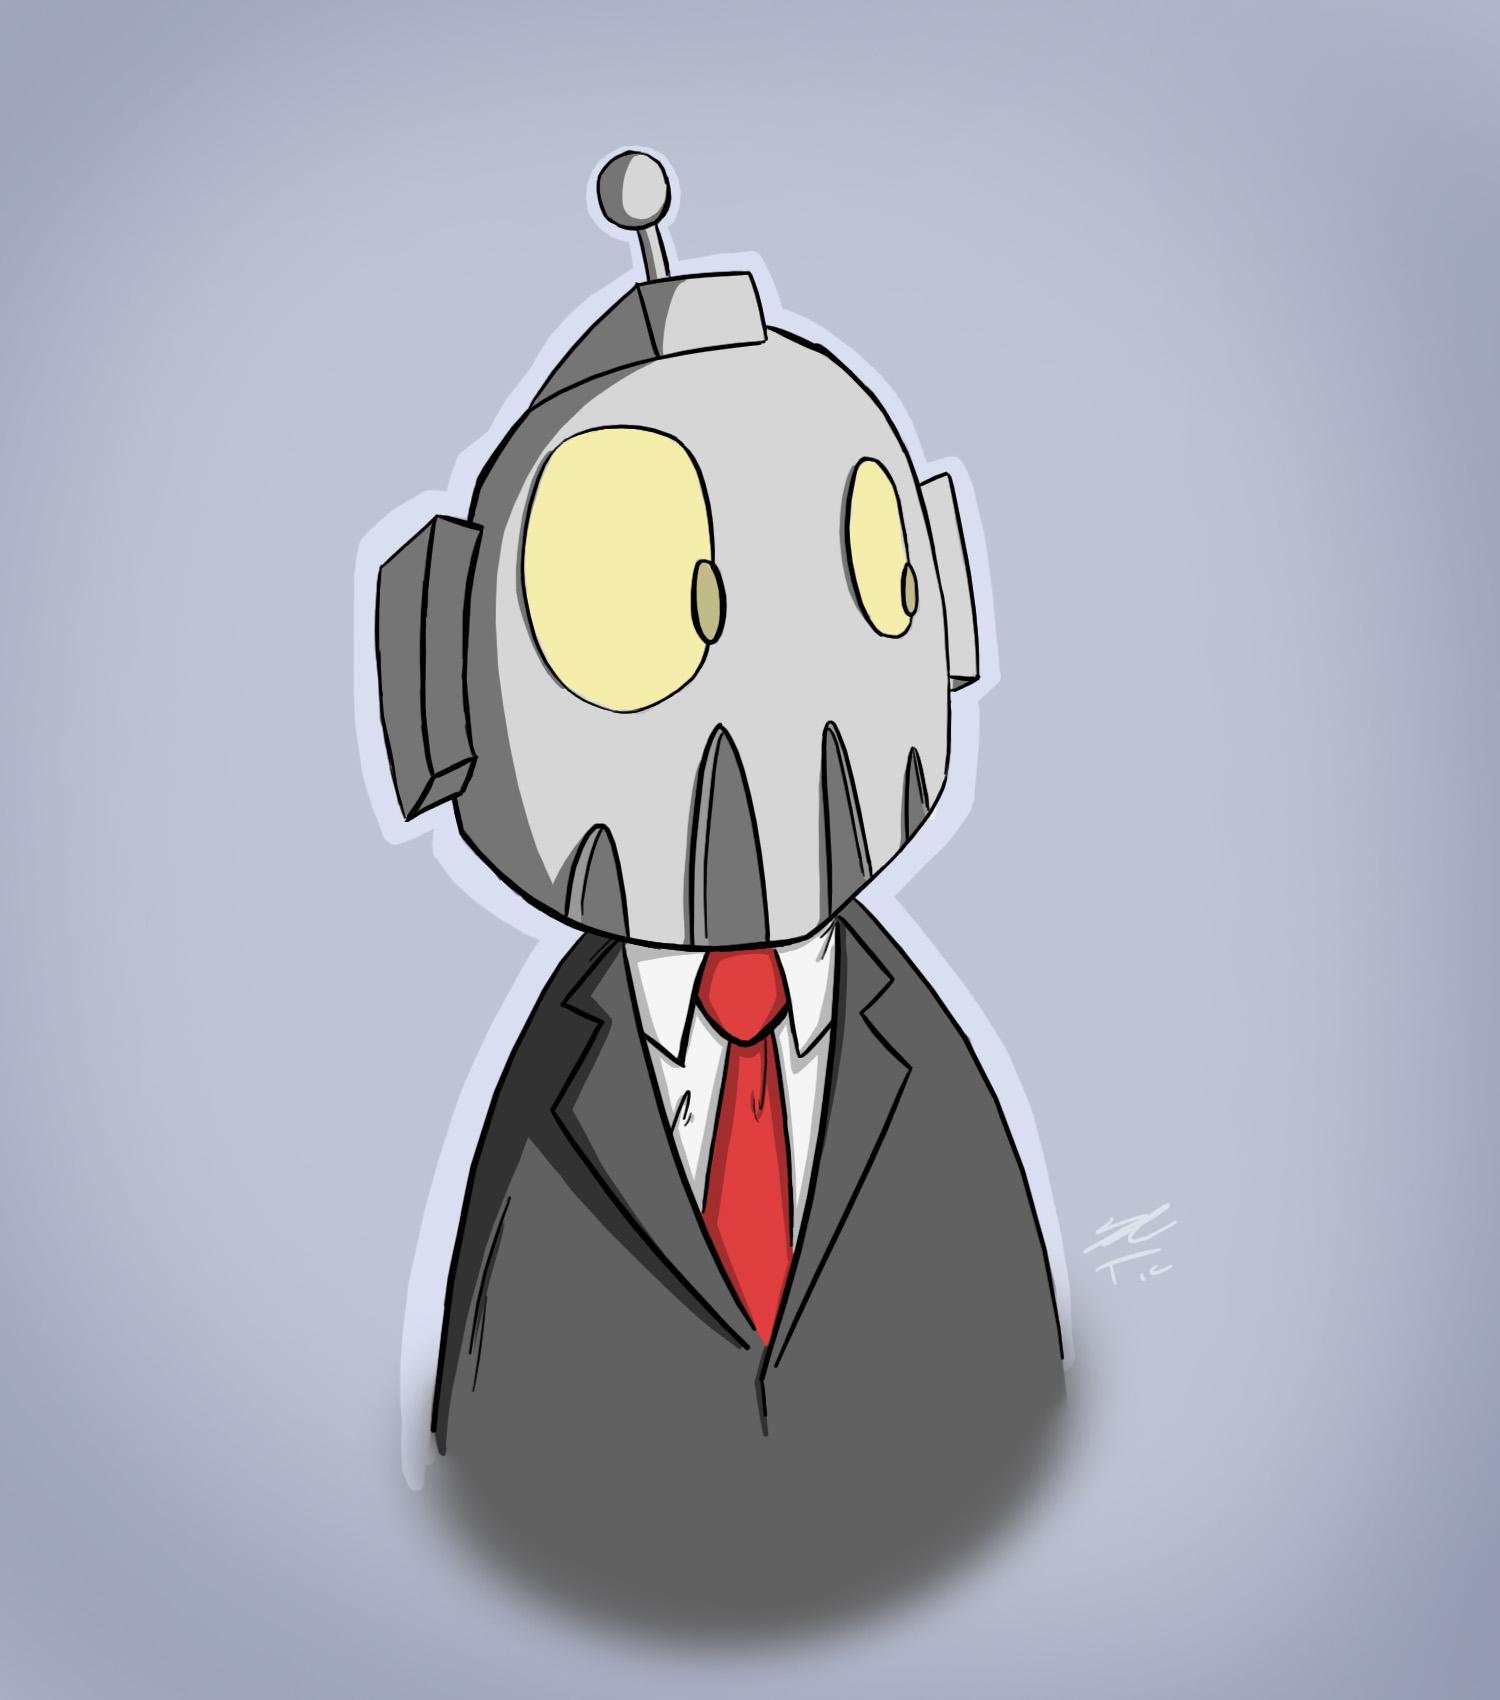 Office-bot